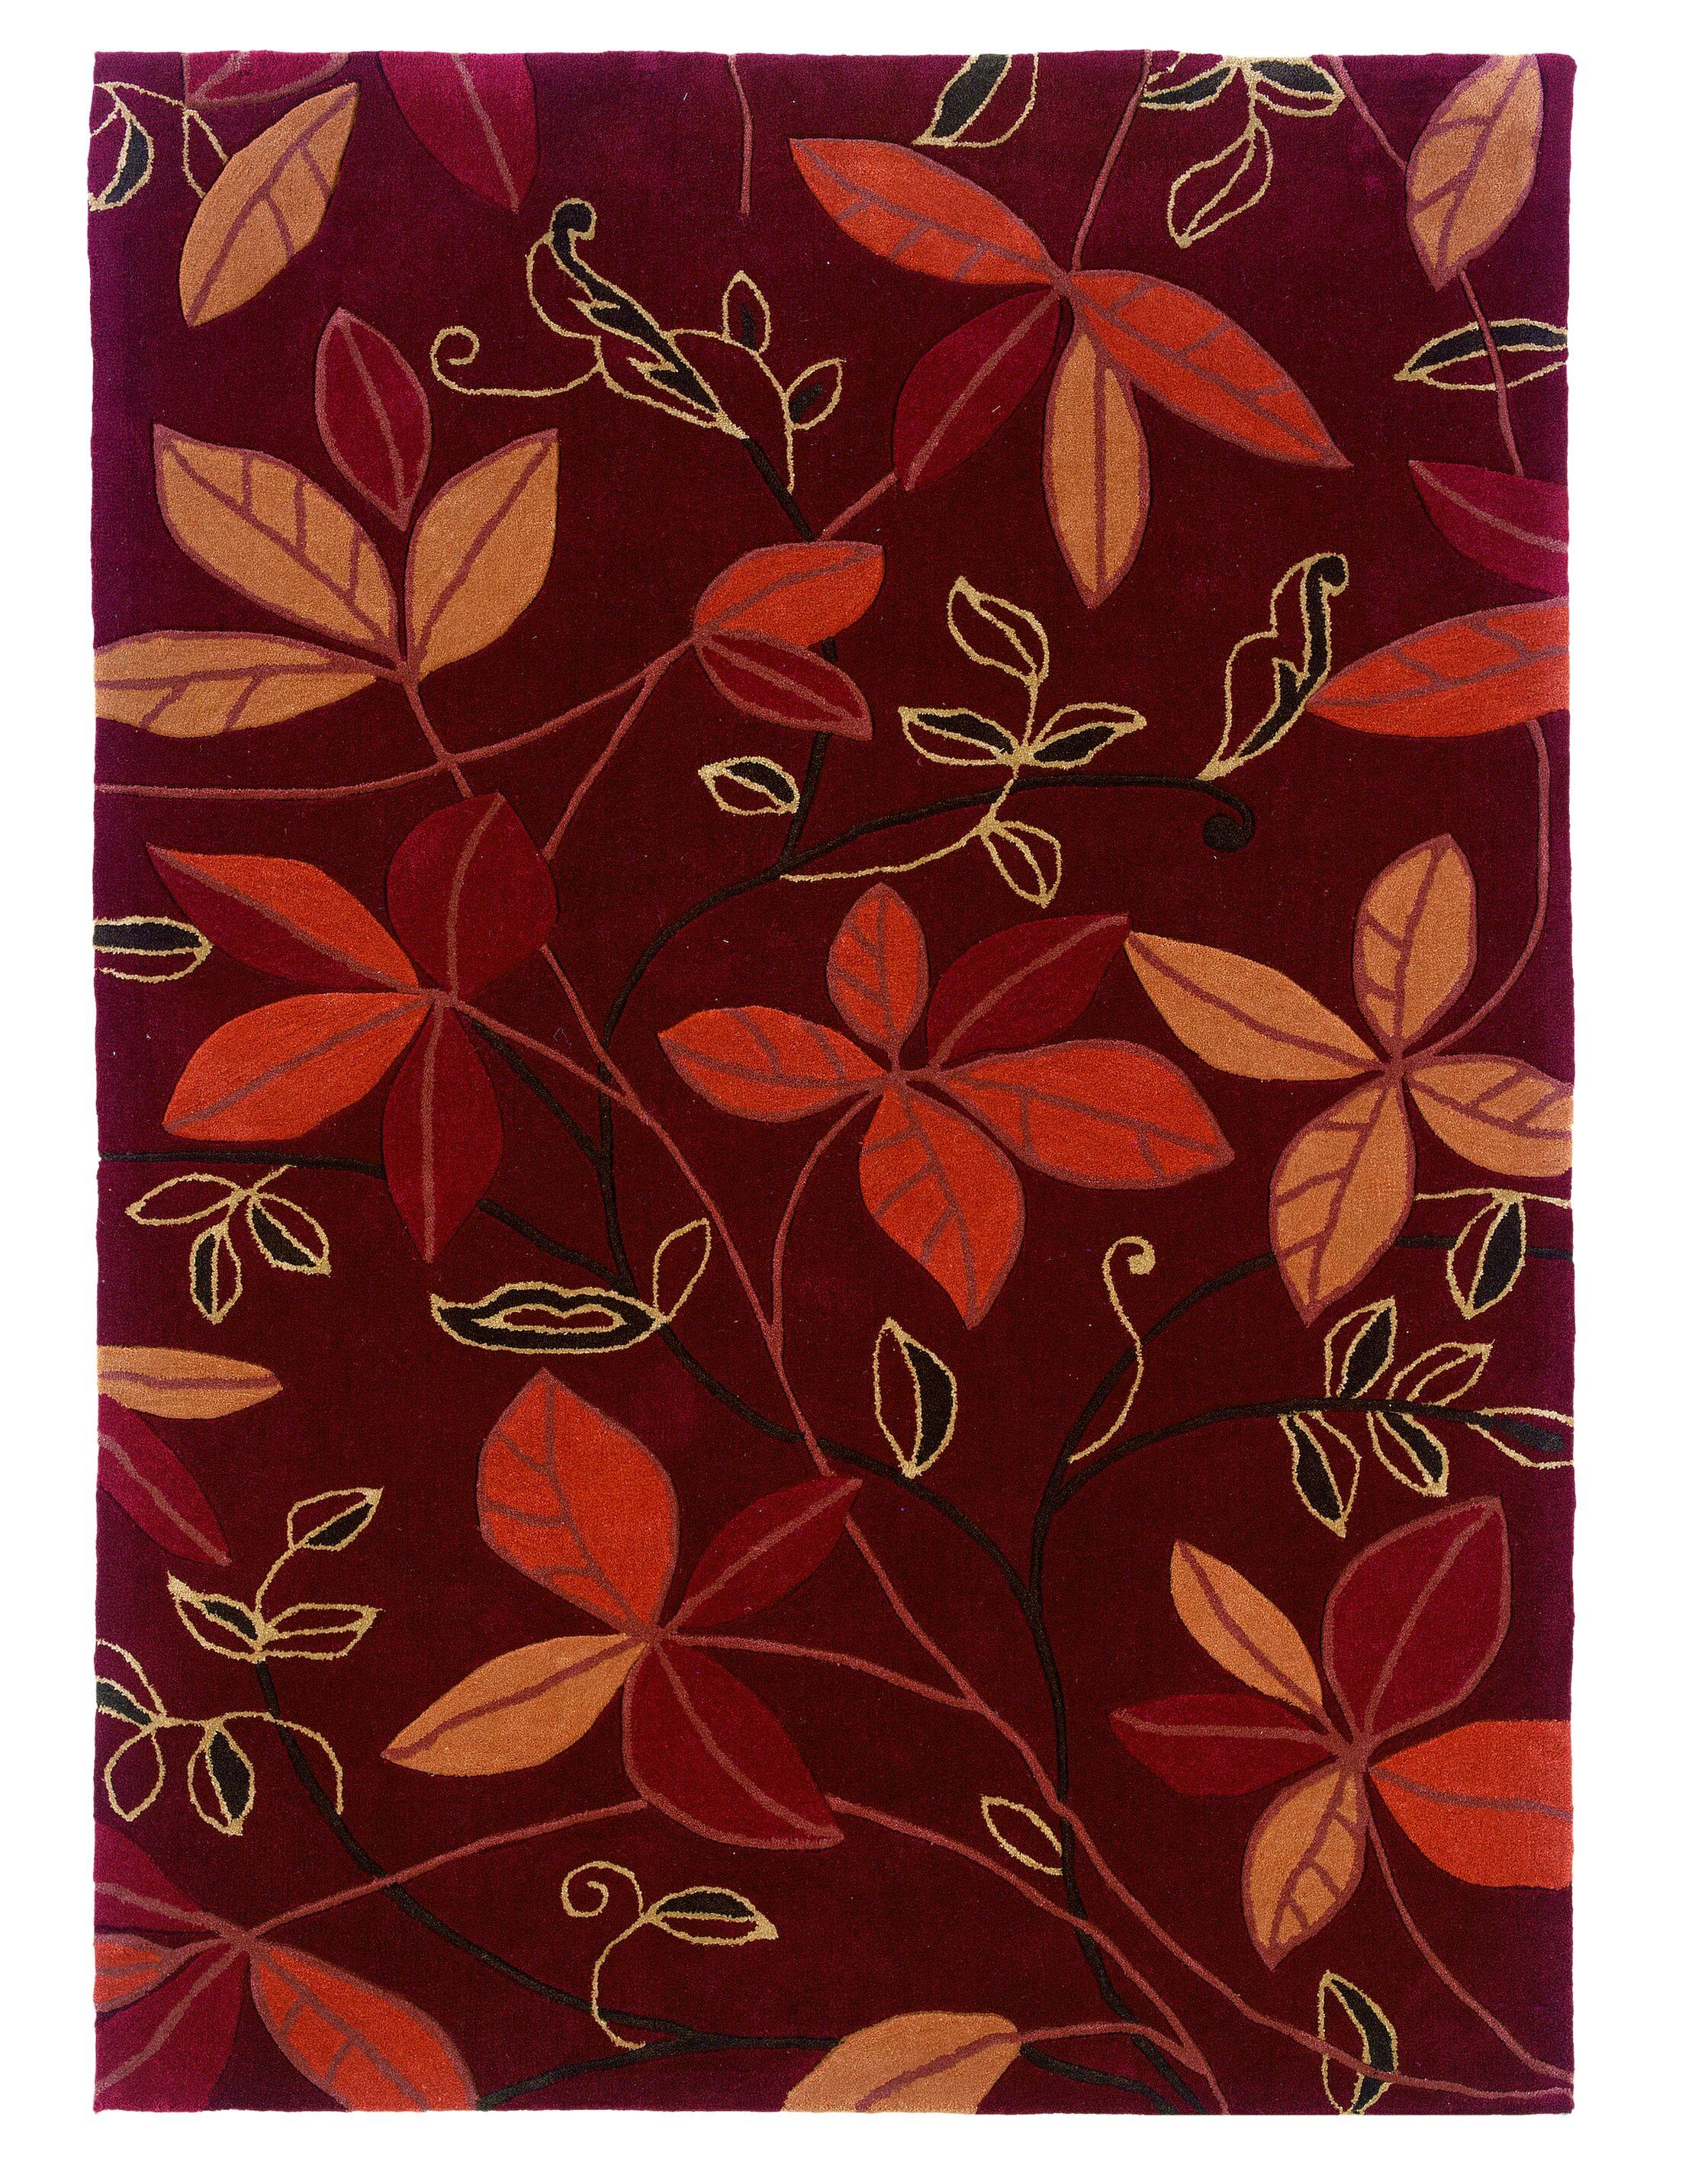 Fugen Modern Hand-Tufted Red Area Rug Rug Size: 5' x 7'